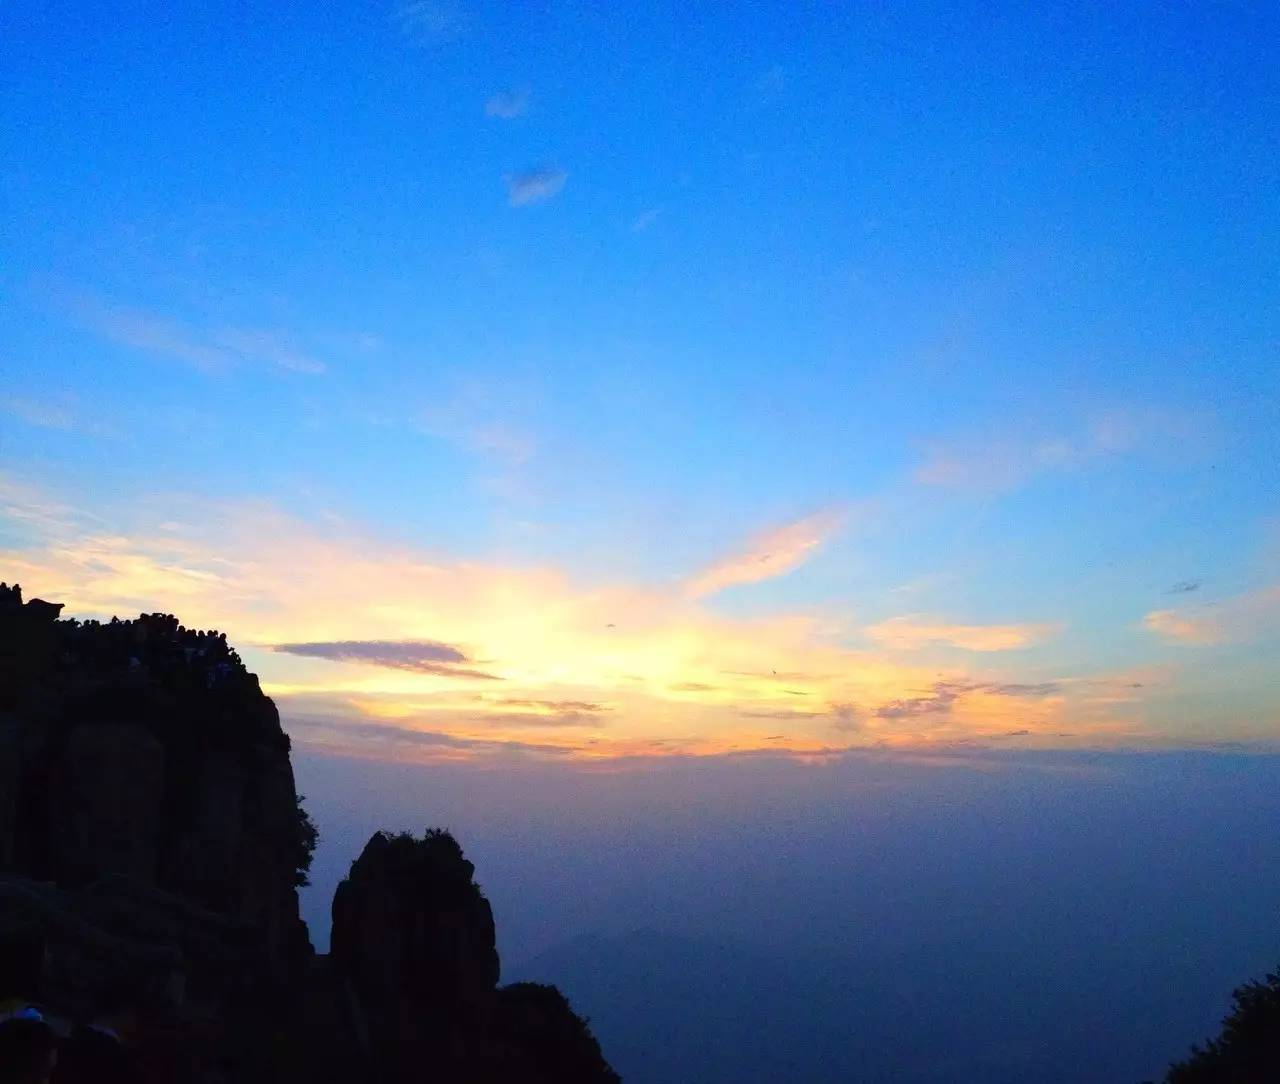 泰山日出是一幅美丽的画,观云海玉盘简直就是奇特仙境!图片